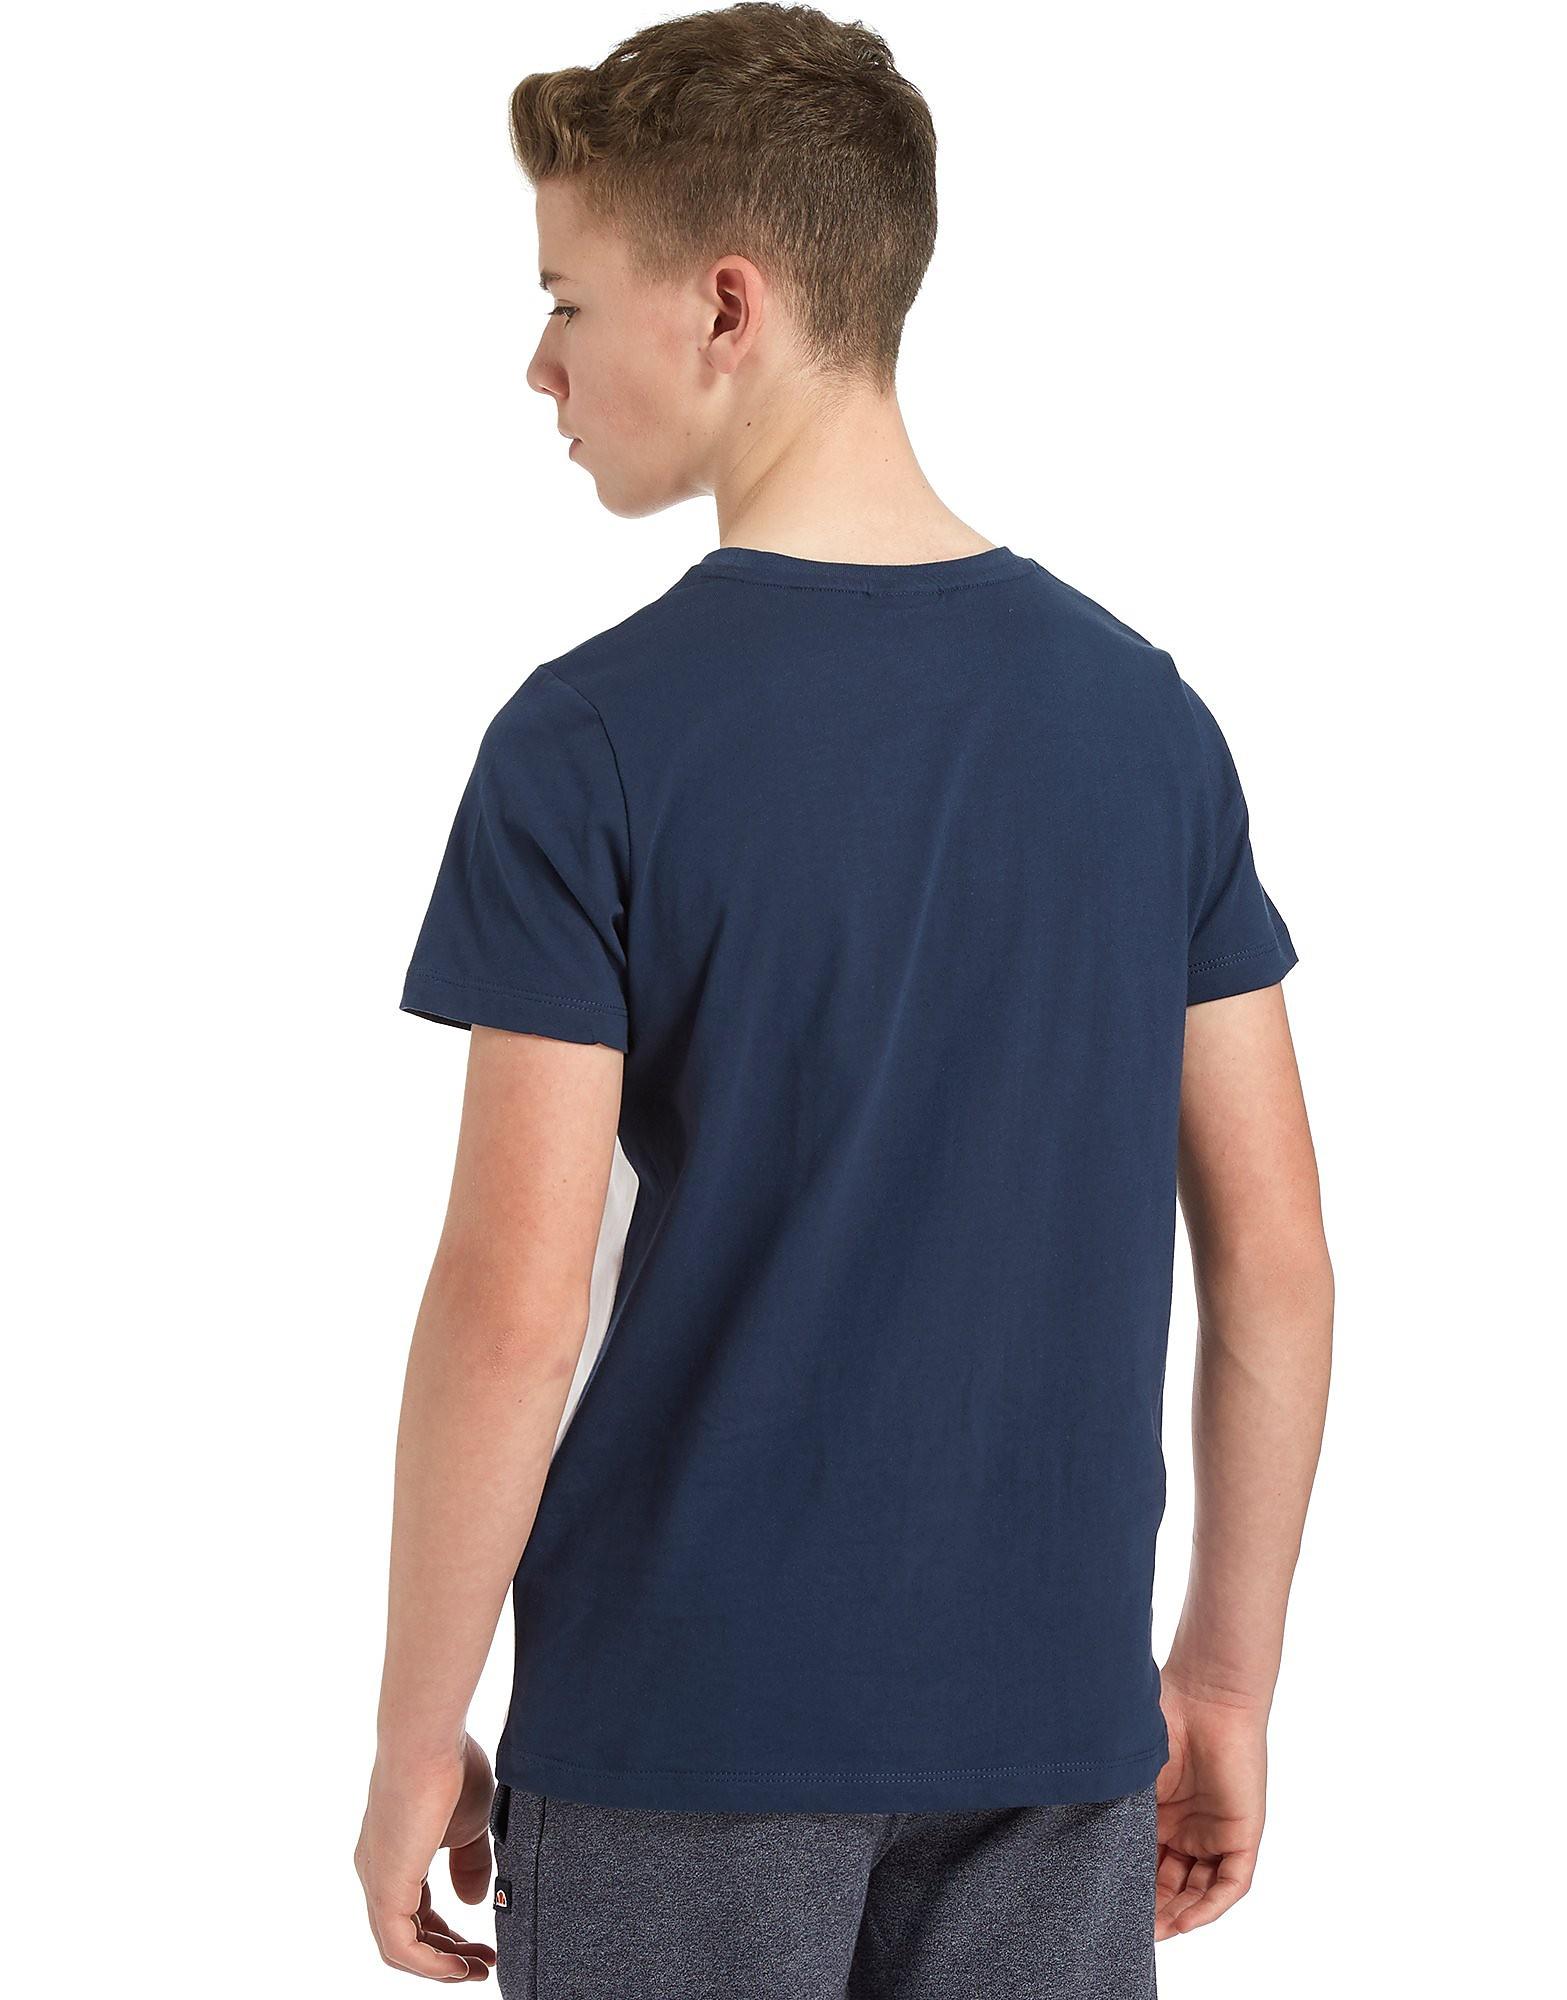 Ellesse Colourblock Jersey T-Shirt Junior